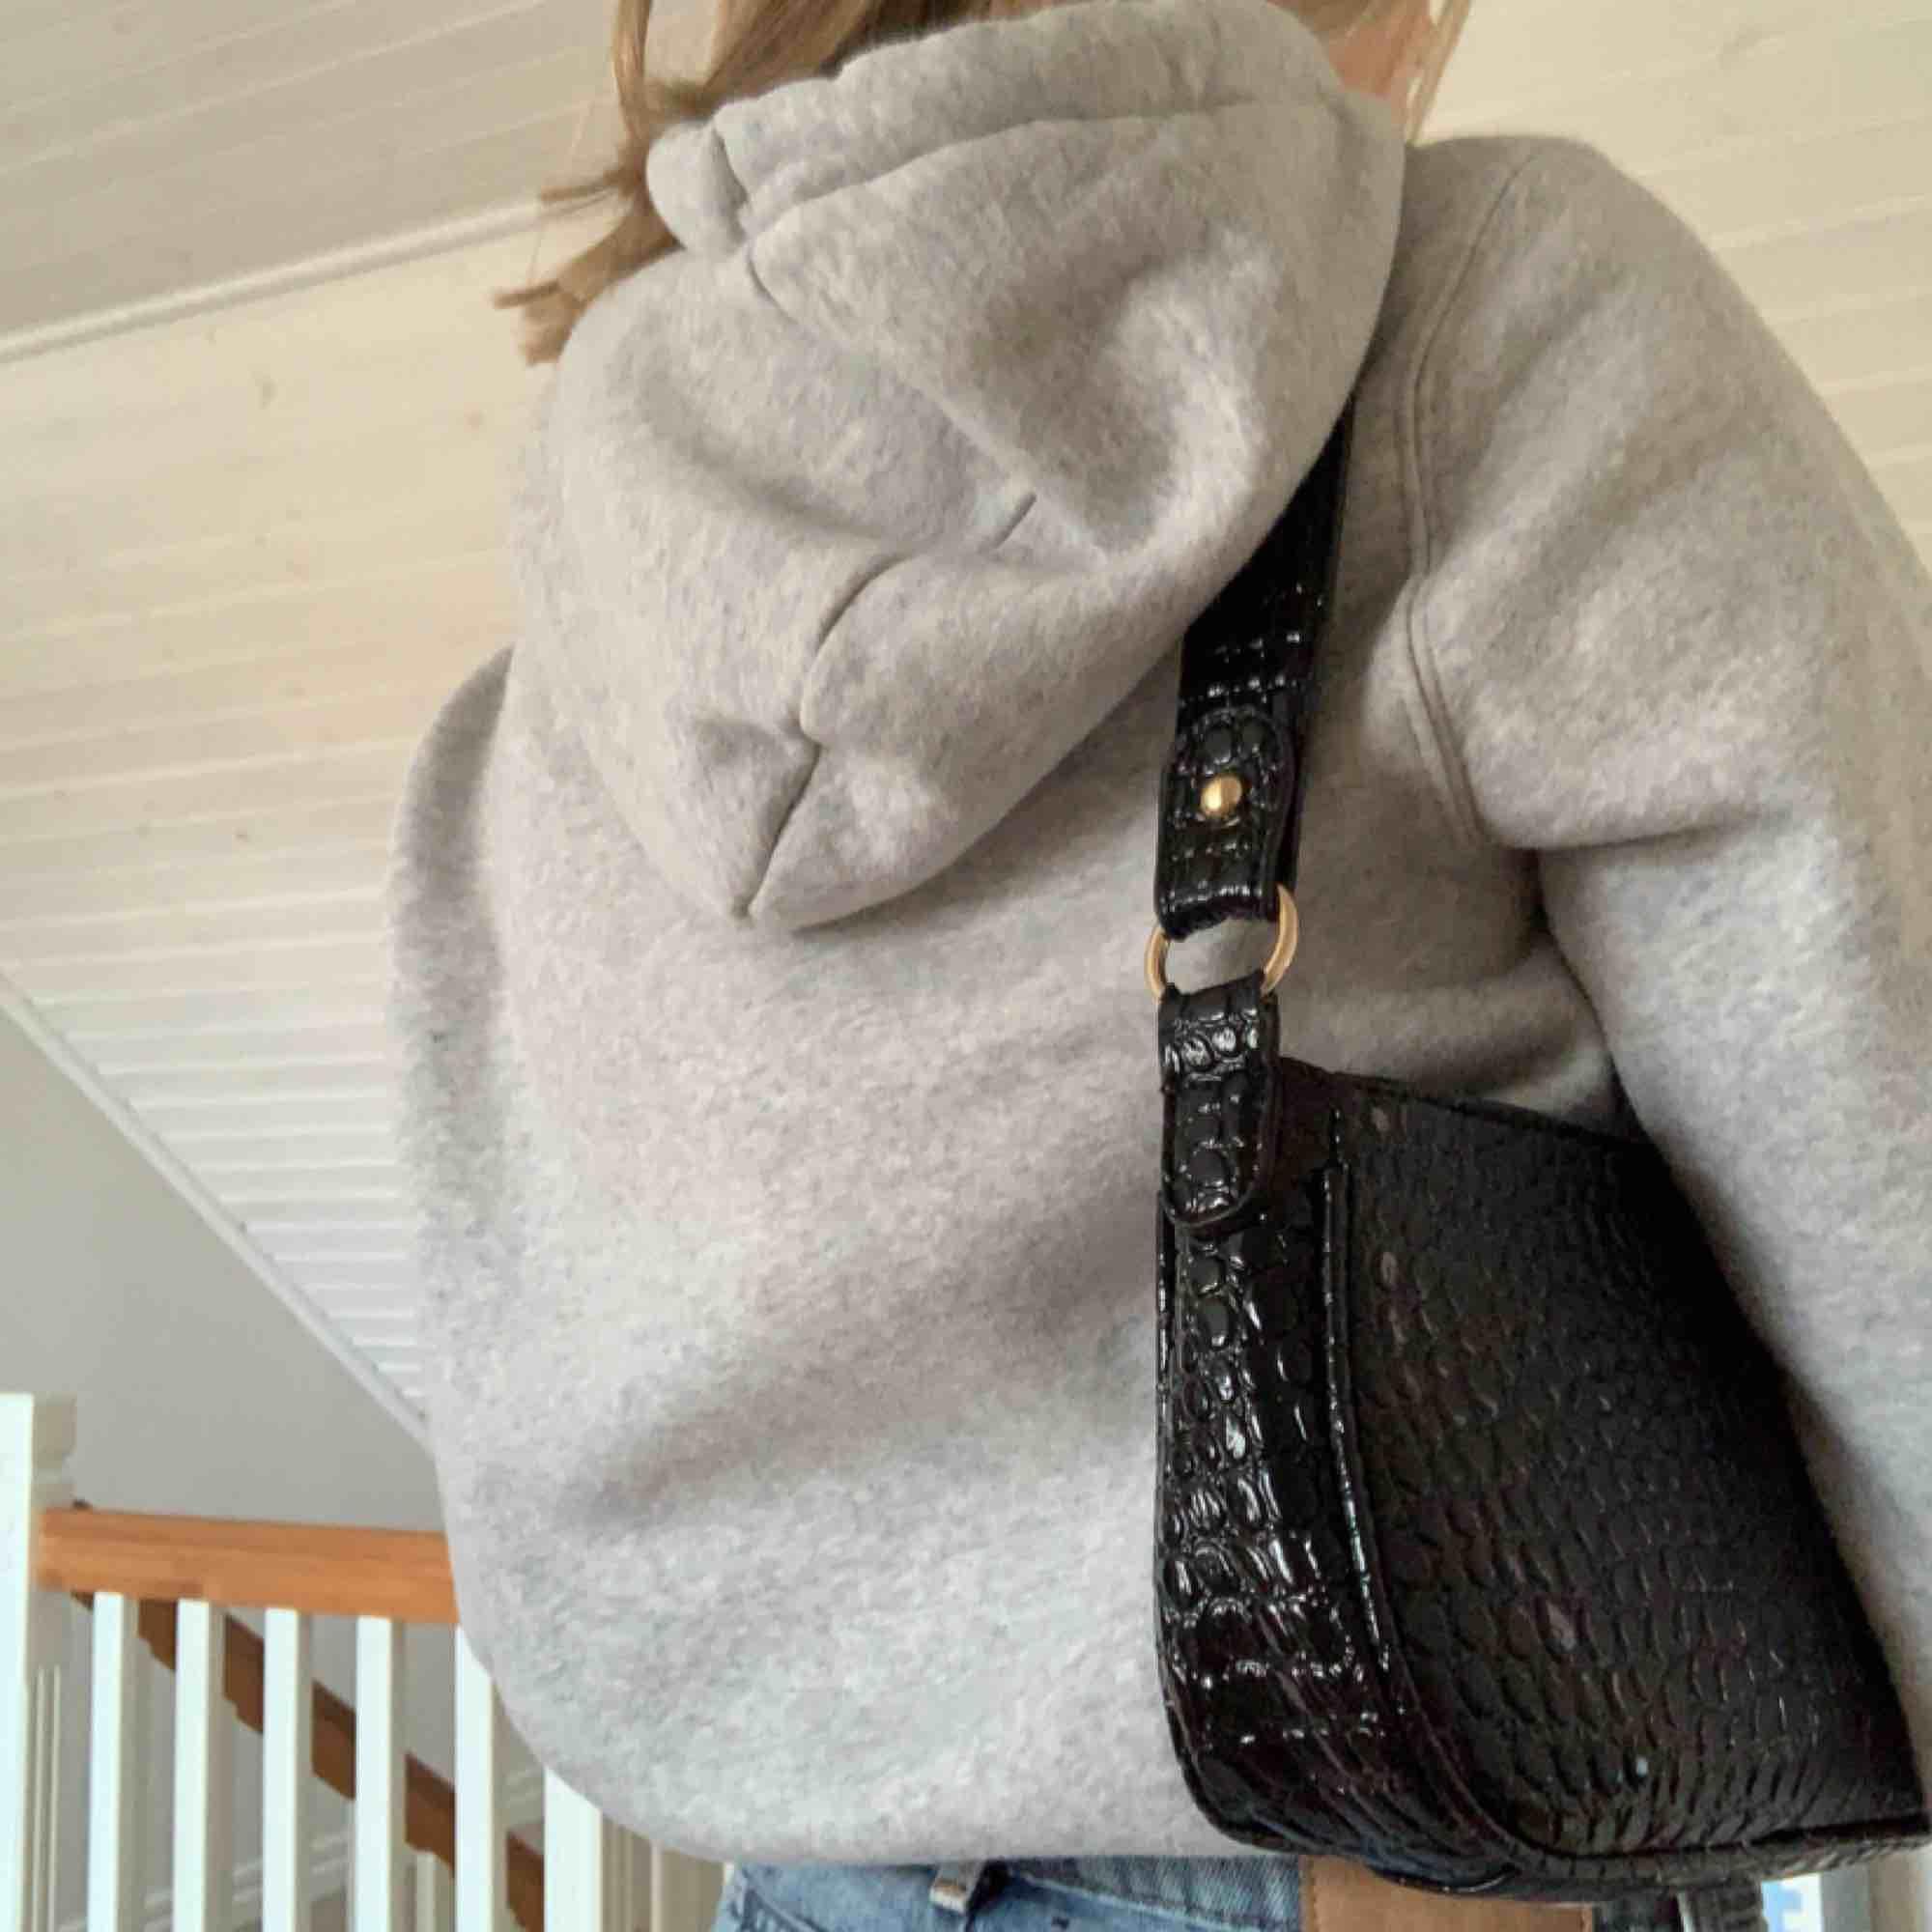 Skitsnygg hoodie köpt på herravdelningen på hm, använt max en gång   Budgivning pågår. Huvtröjor & Träningströjor.